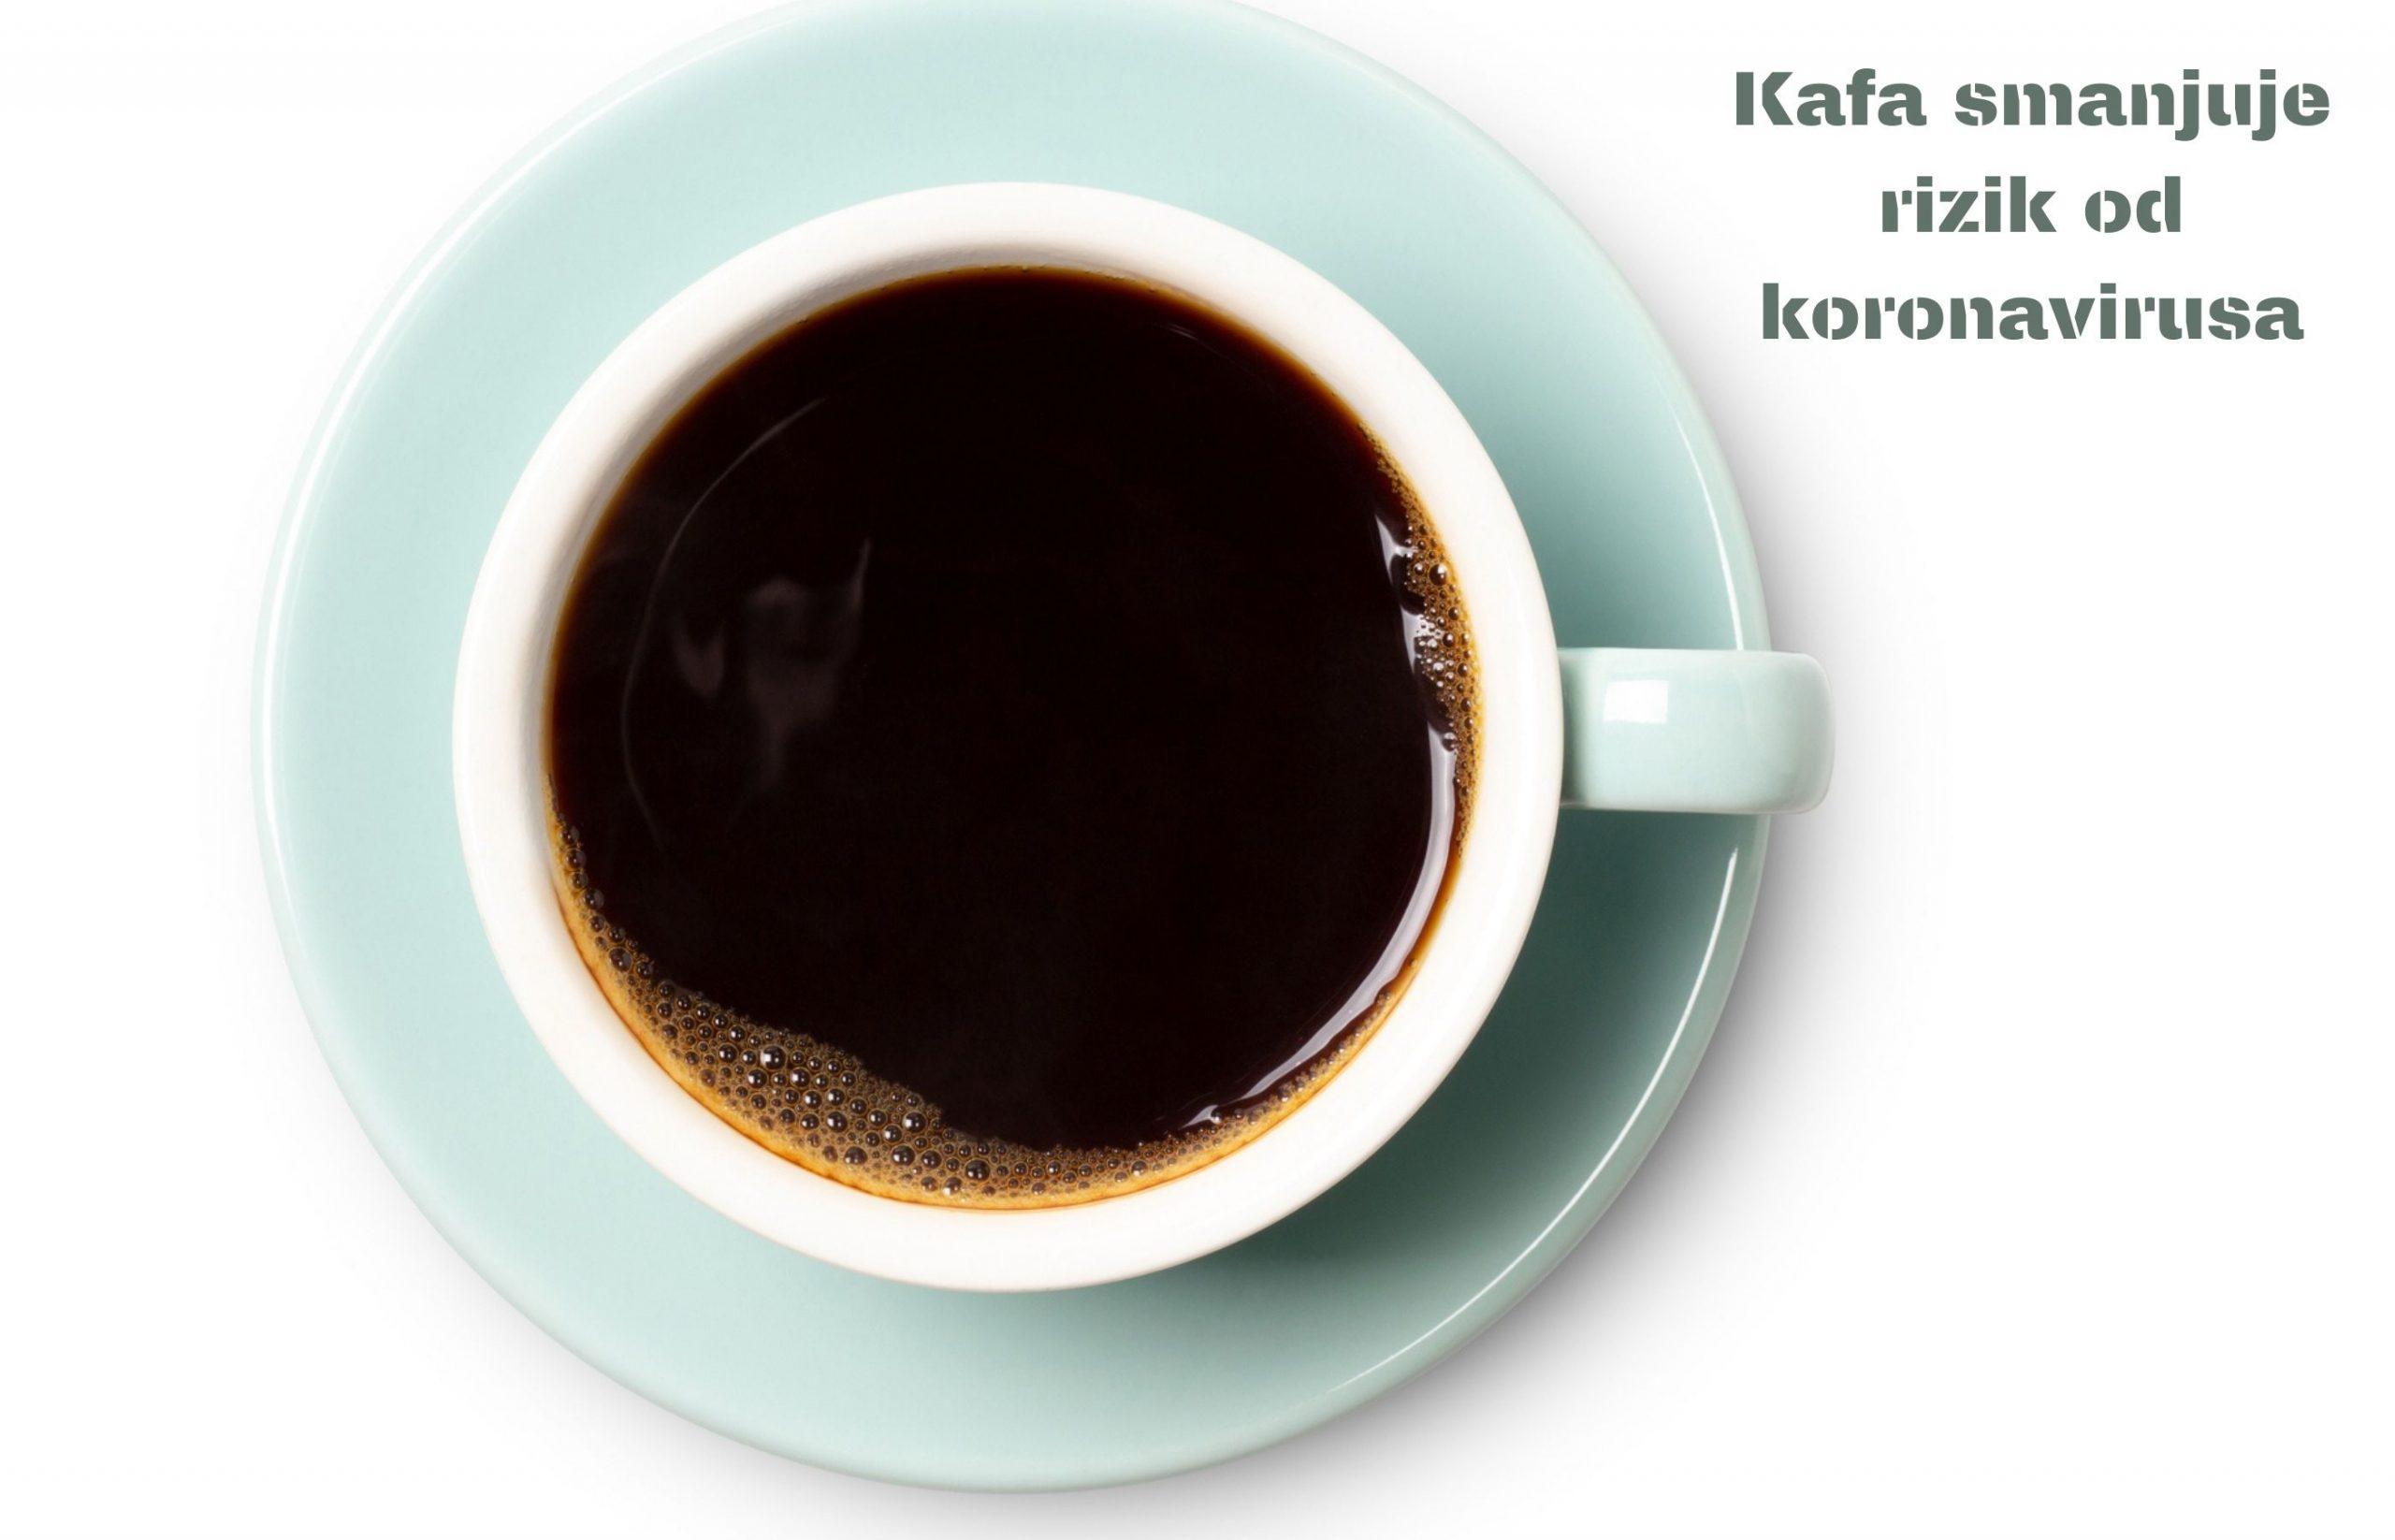 kafa smanjuje rizik od koronavirusa